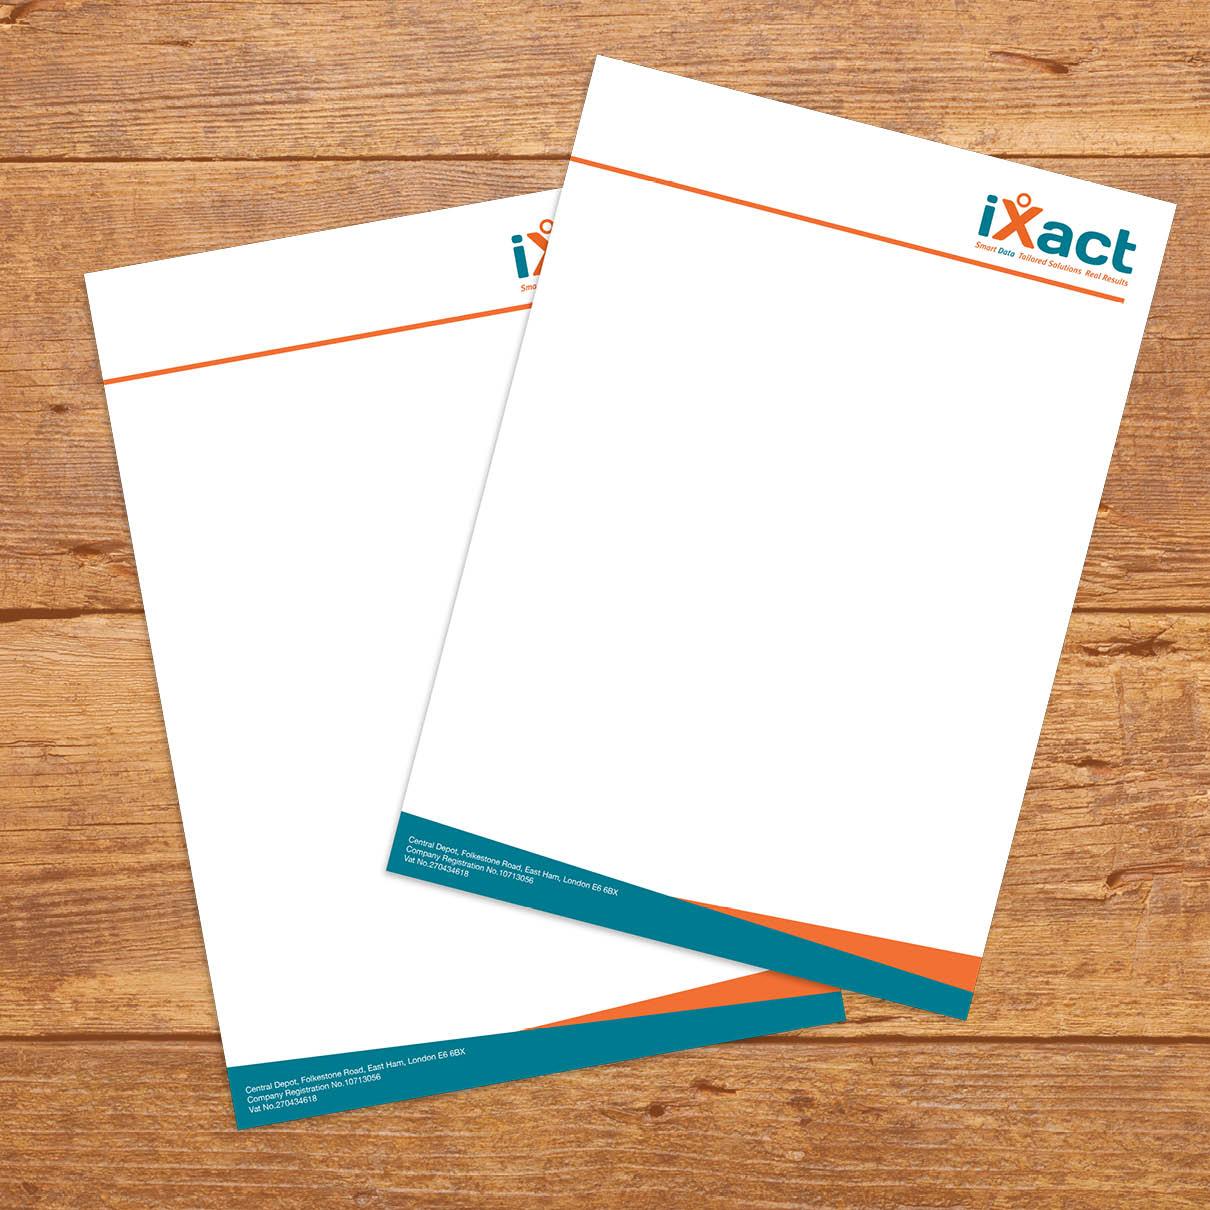 iXact-Letterhead-FLAT